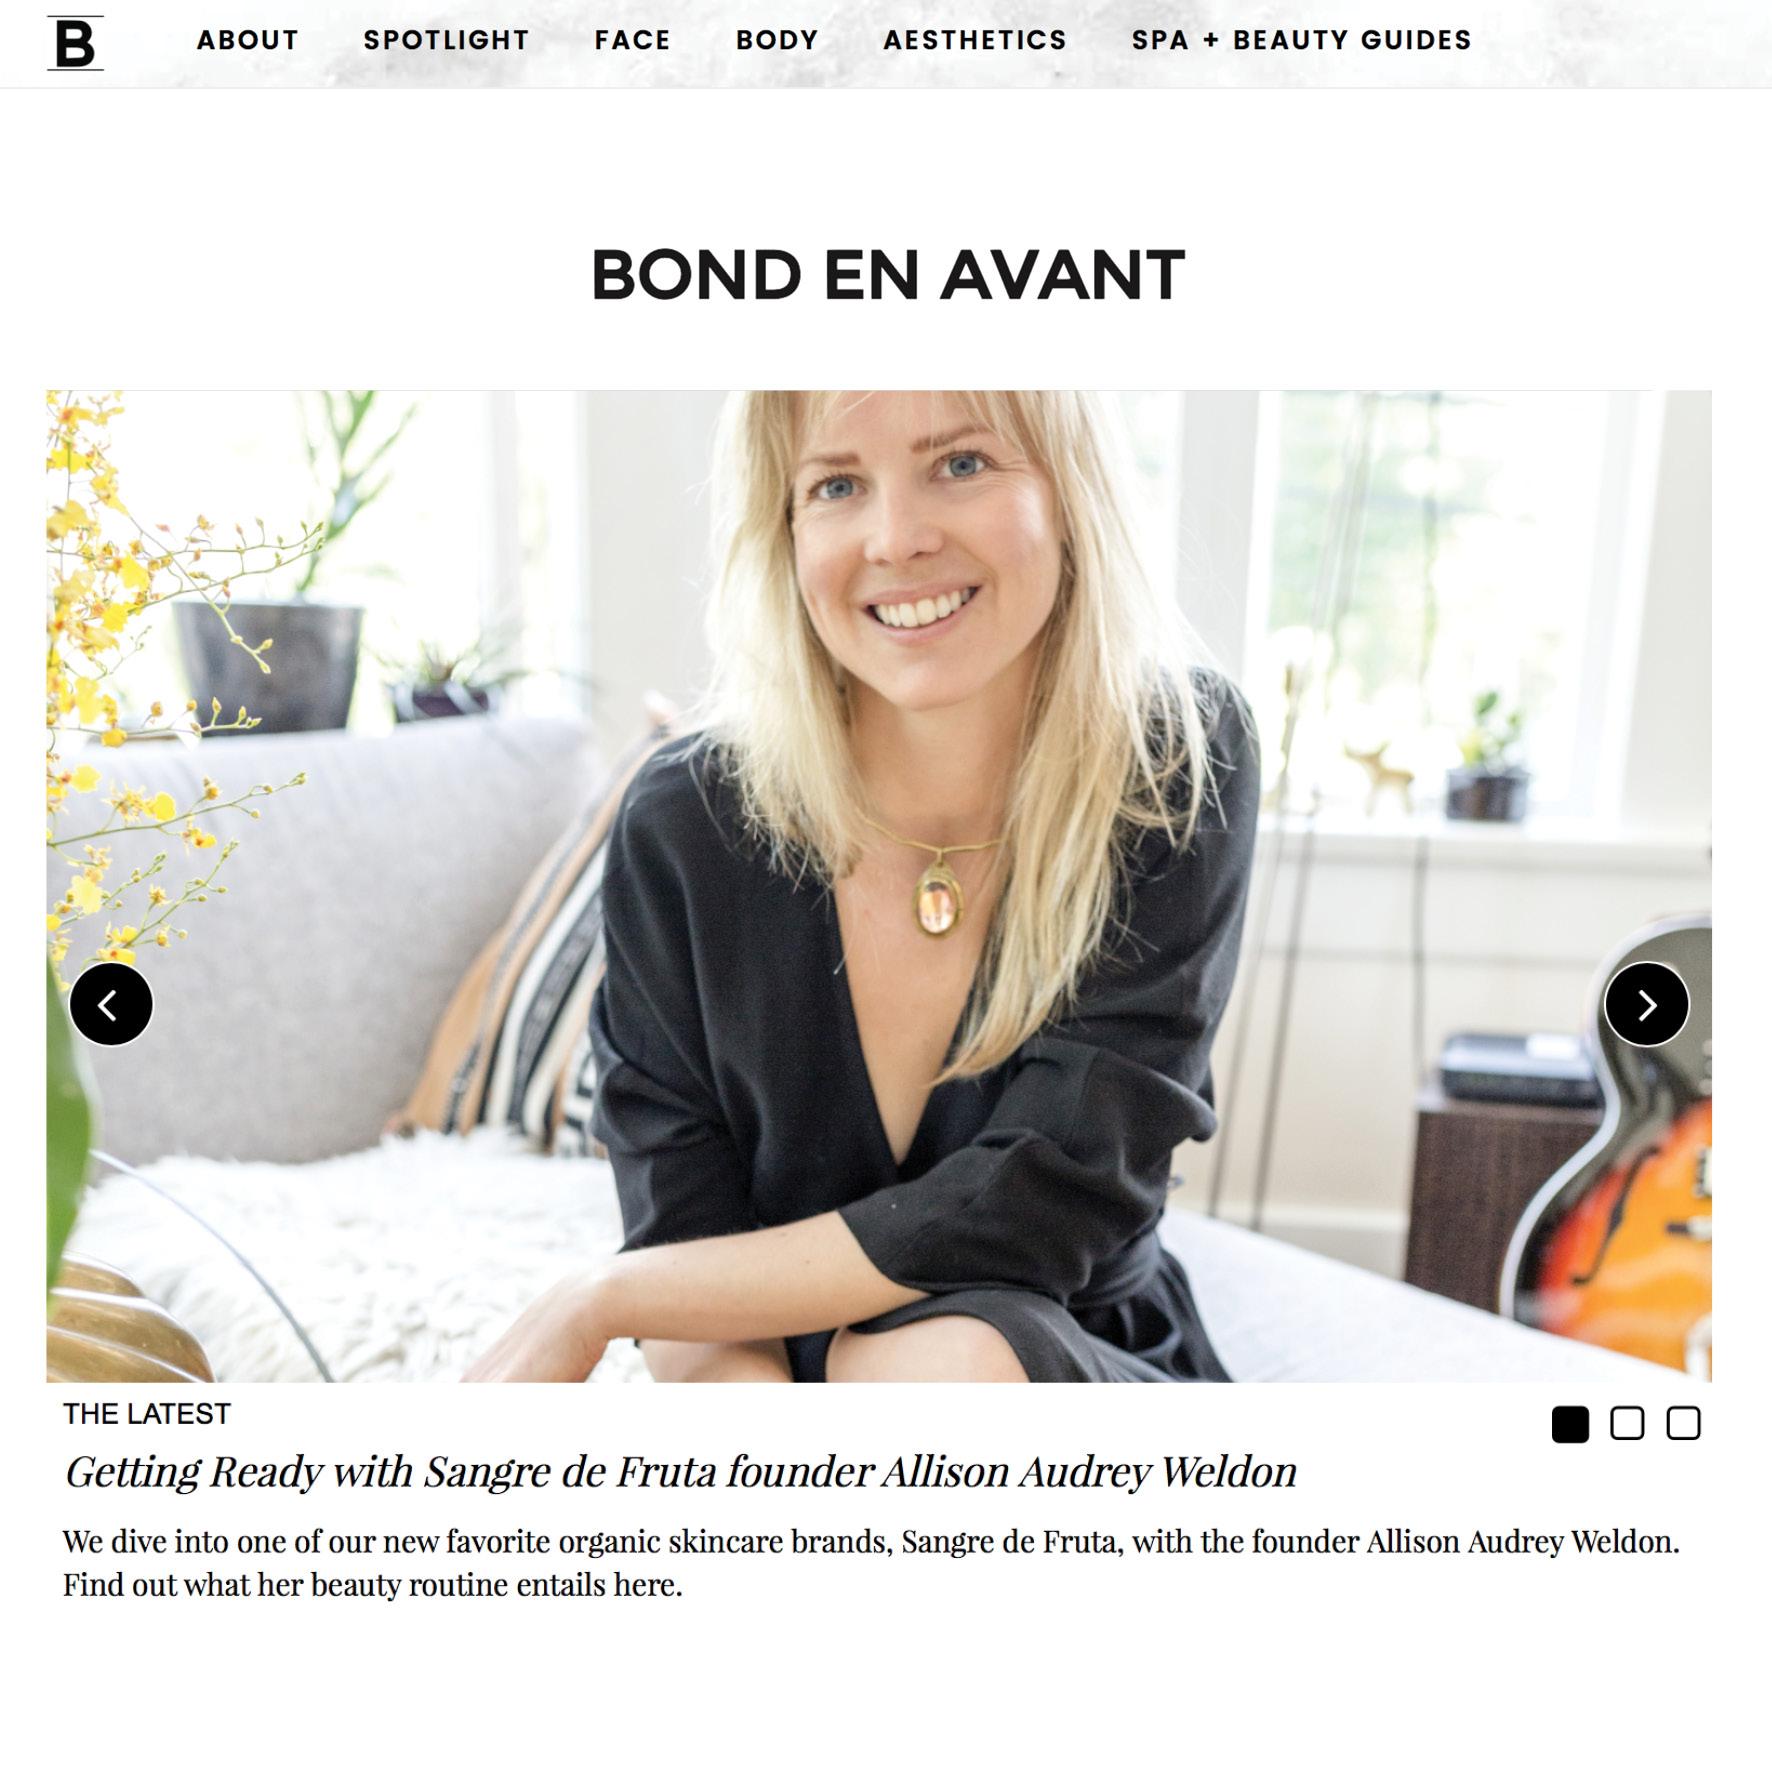 BondEnAvant_feature